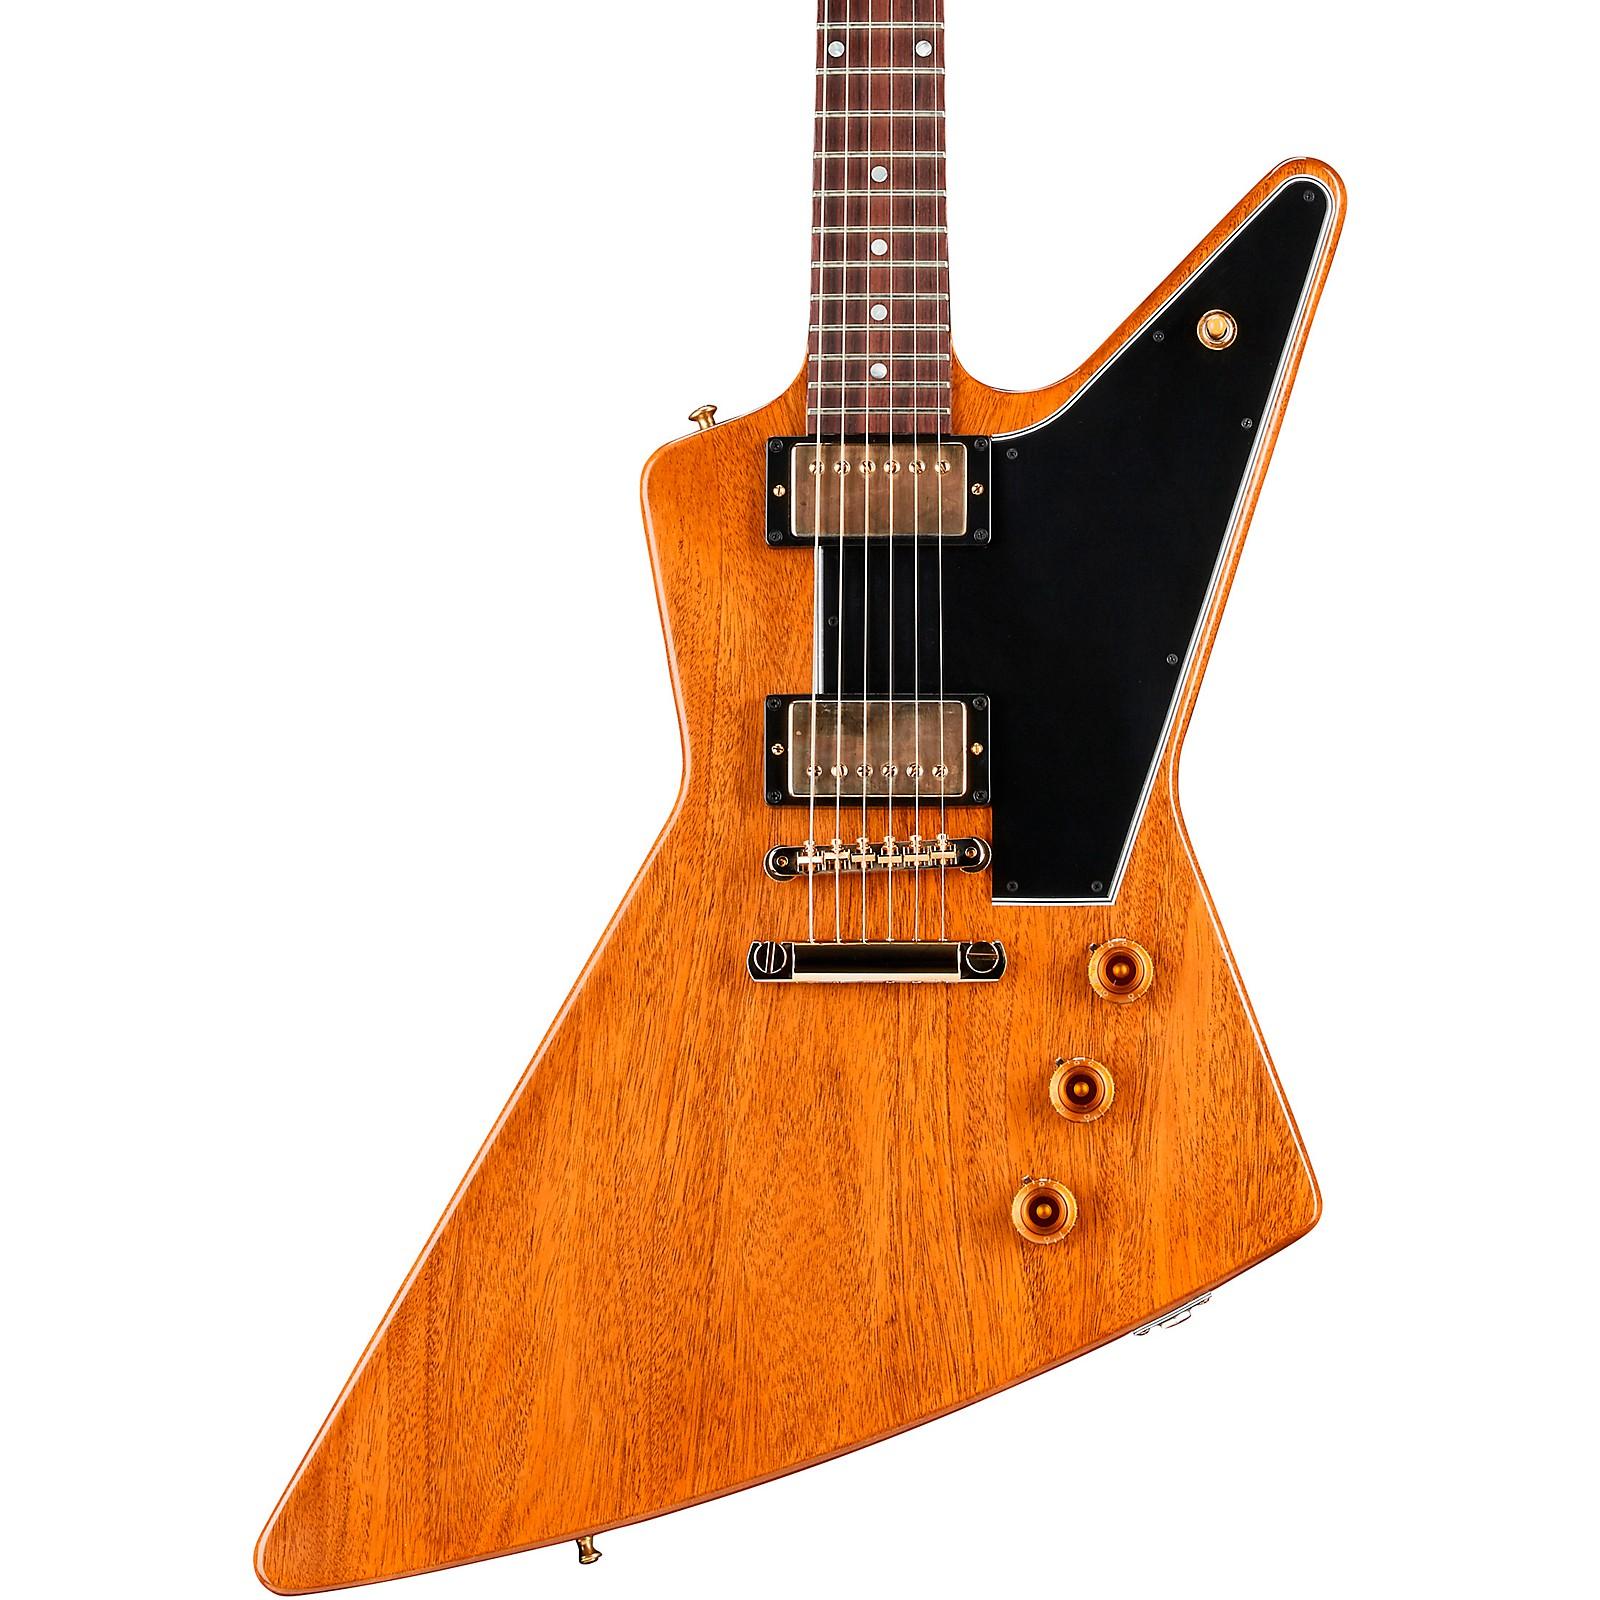 Gibson Custom 1958 Mahogany Explorer Reissue VOS Electric Guitar